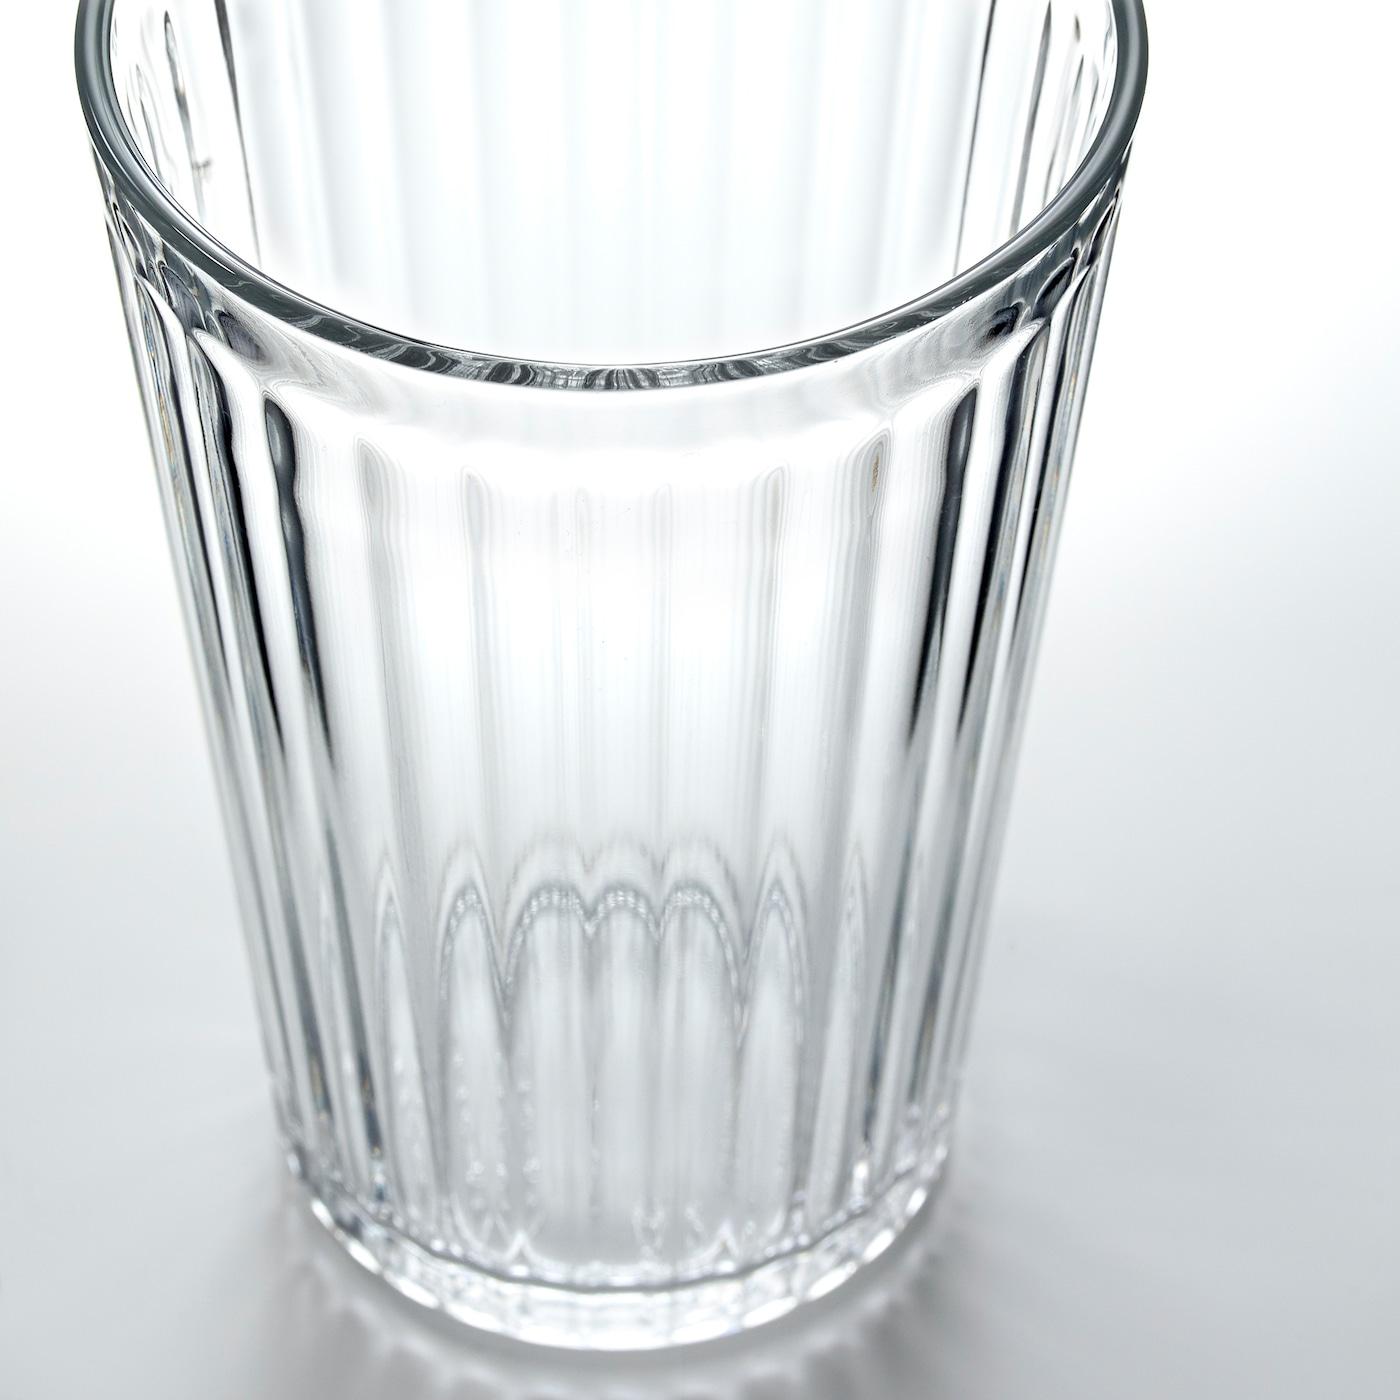 VARDAGEN Sklenice, čiré sklo, 43 cl